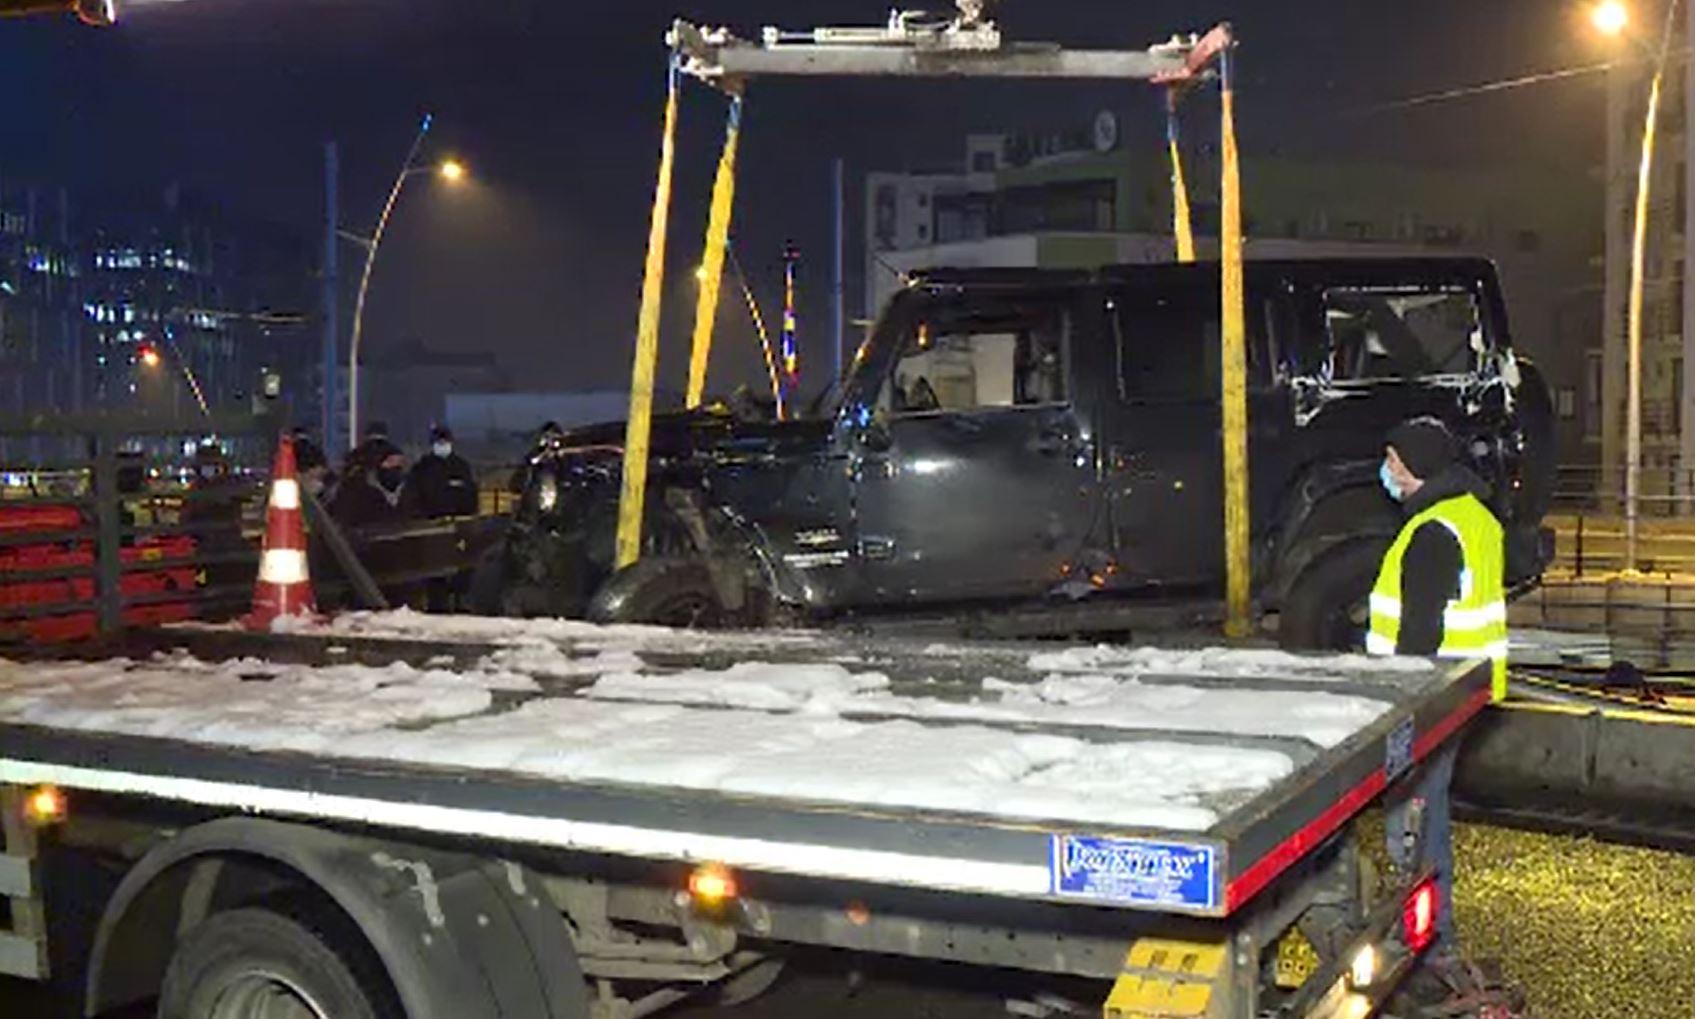 Blocaj rutier la podul Basarab din Capitală, după ce un șofer a pierdut controlul volanului